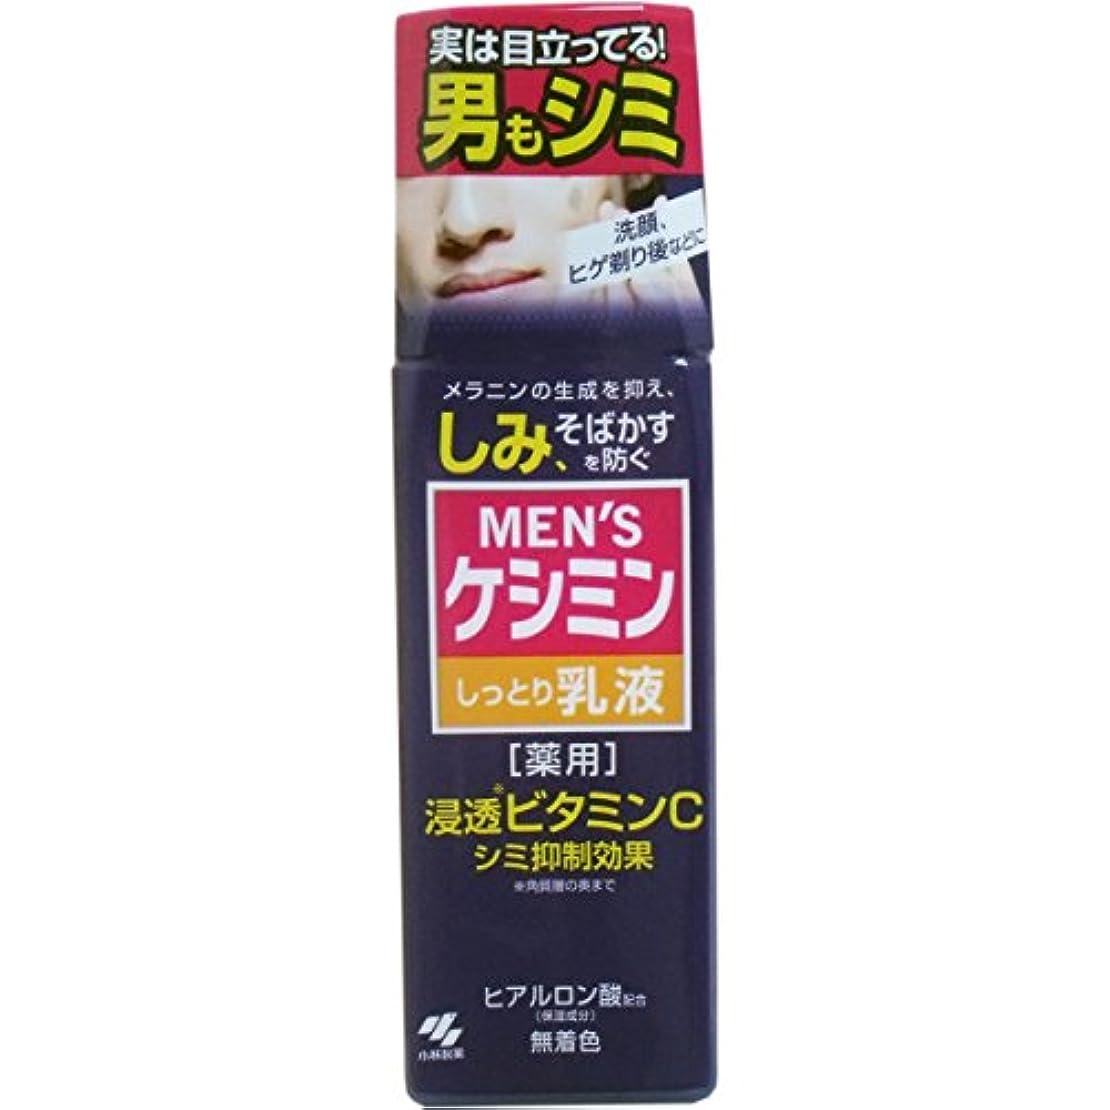 打ち上げる複雑補体【小林製薬】メンズケシミン乳液 110ml ×3個セット